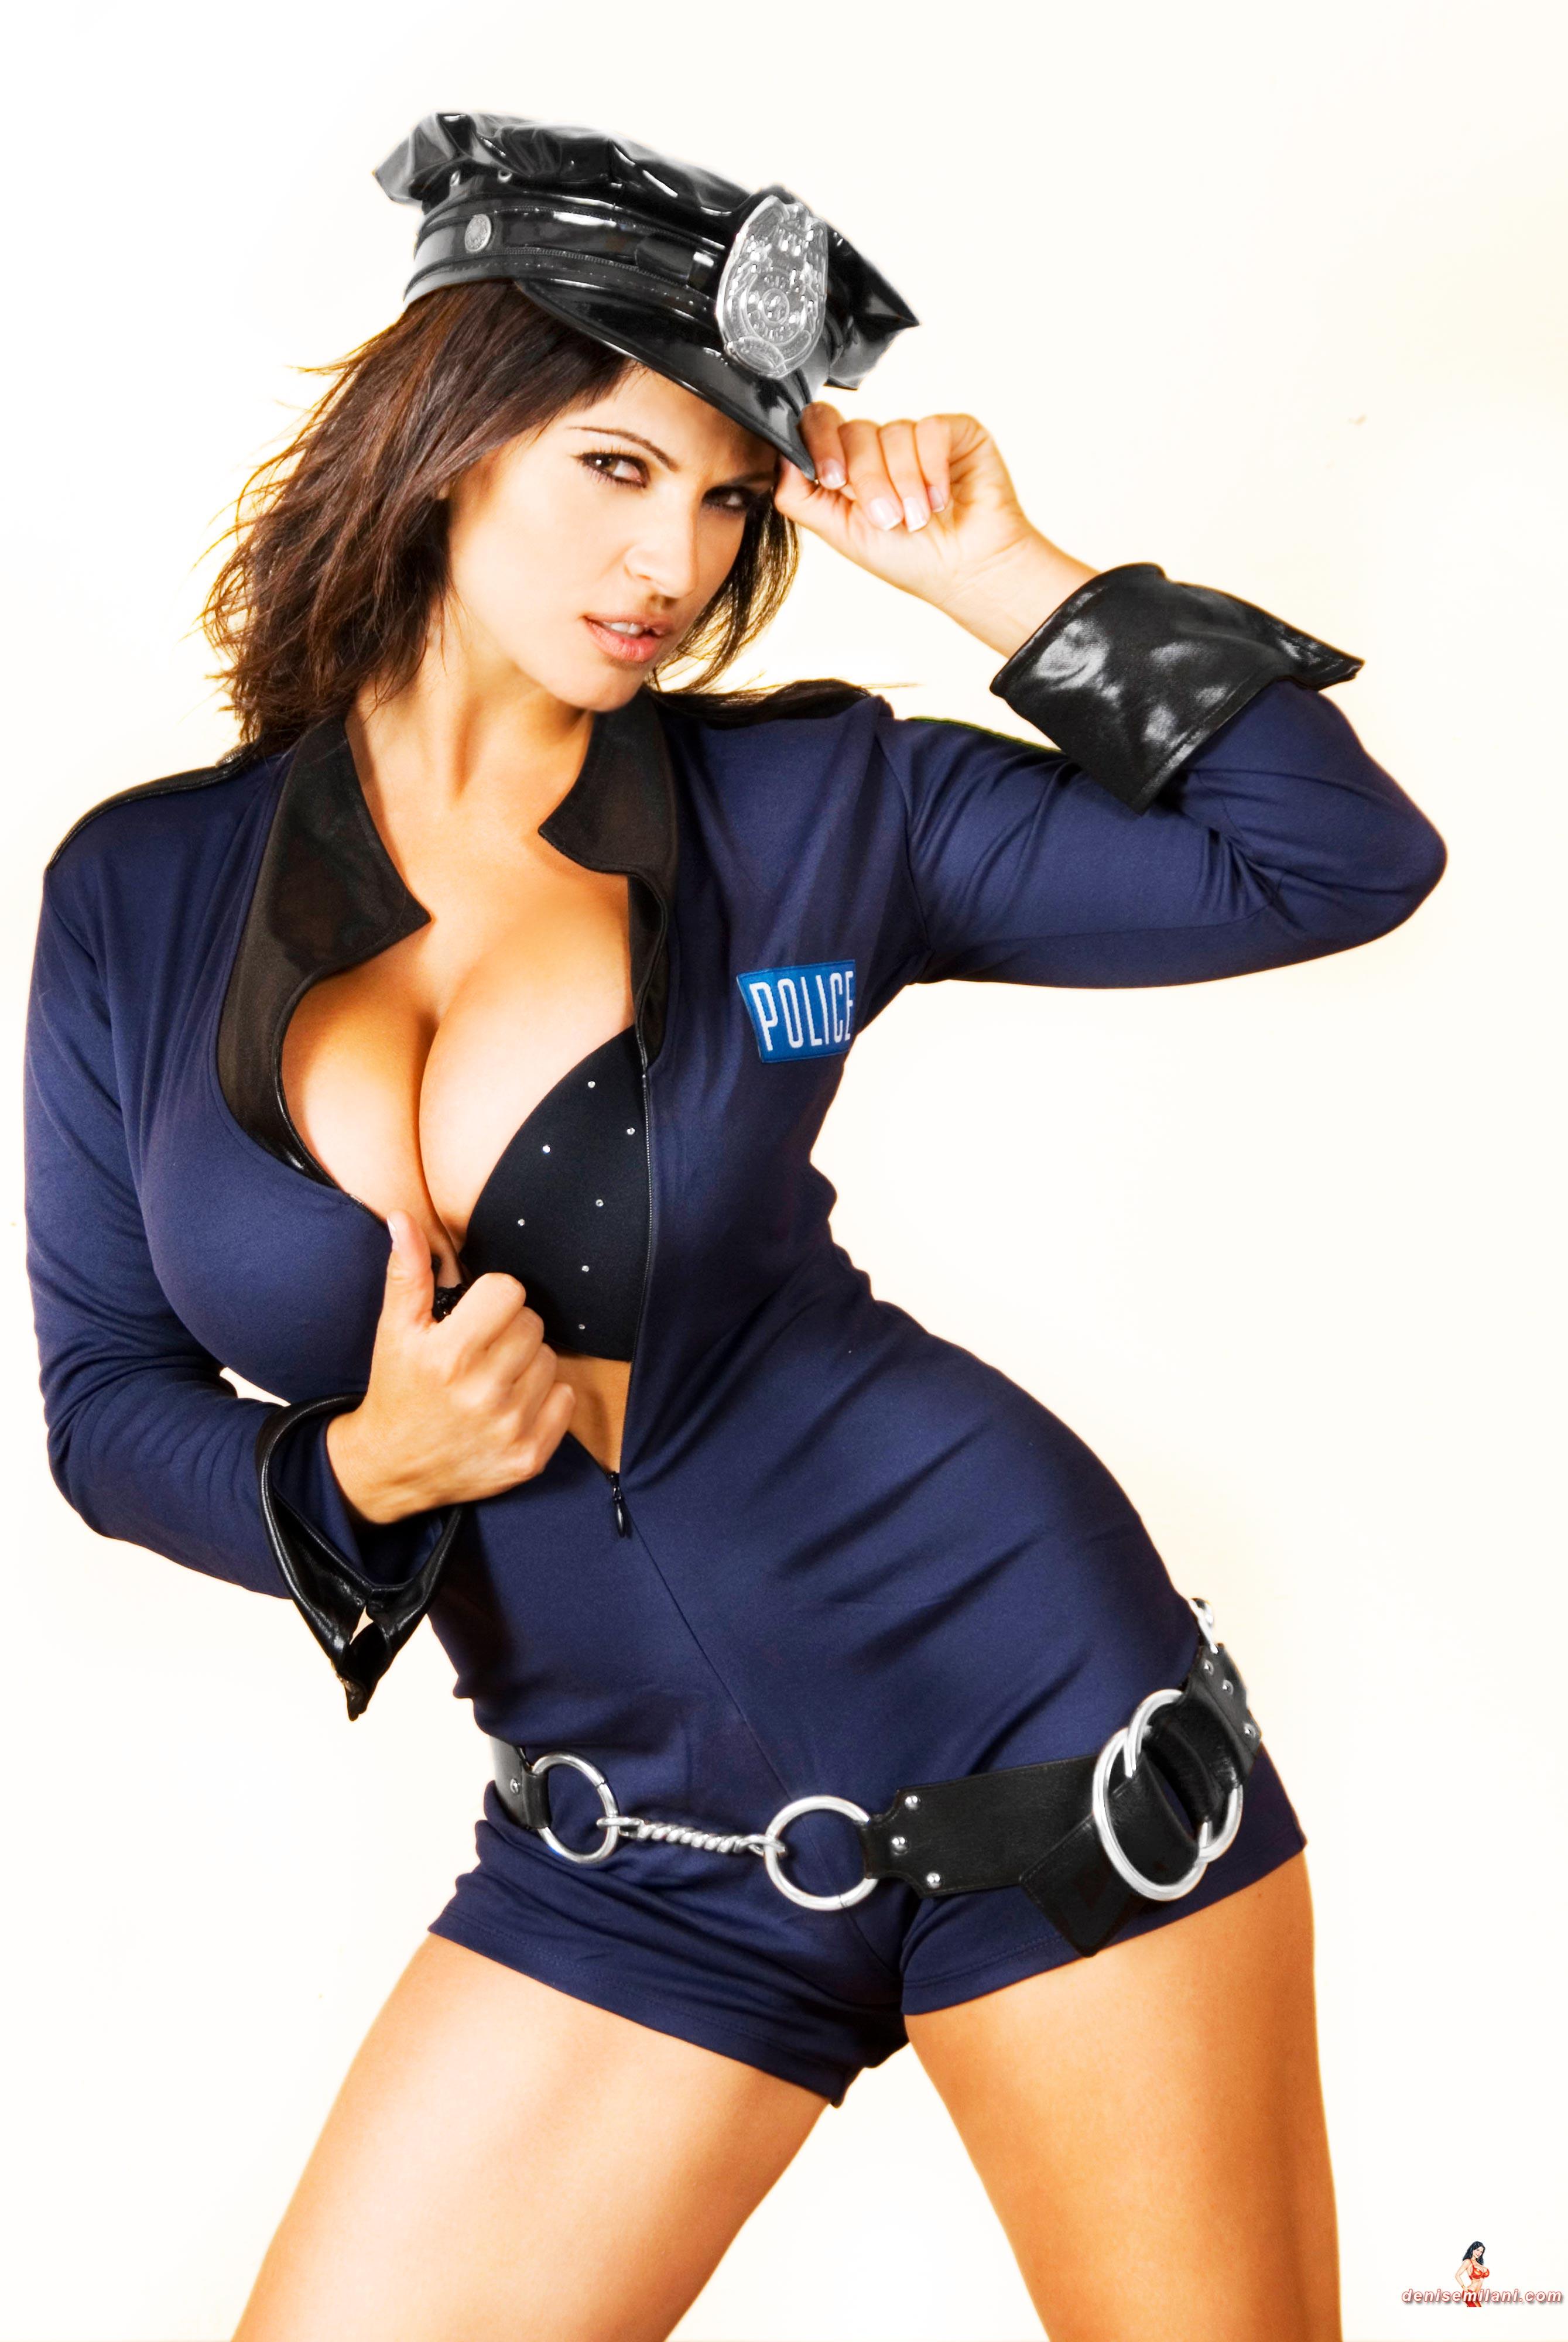 Телку в полицейской форме 20 фотография